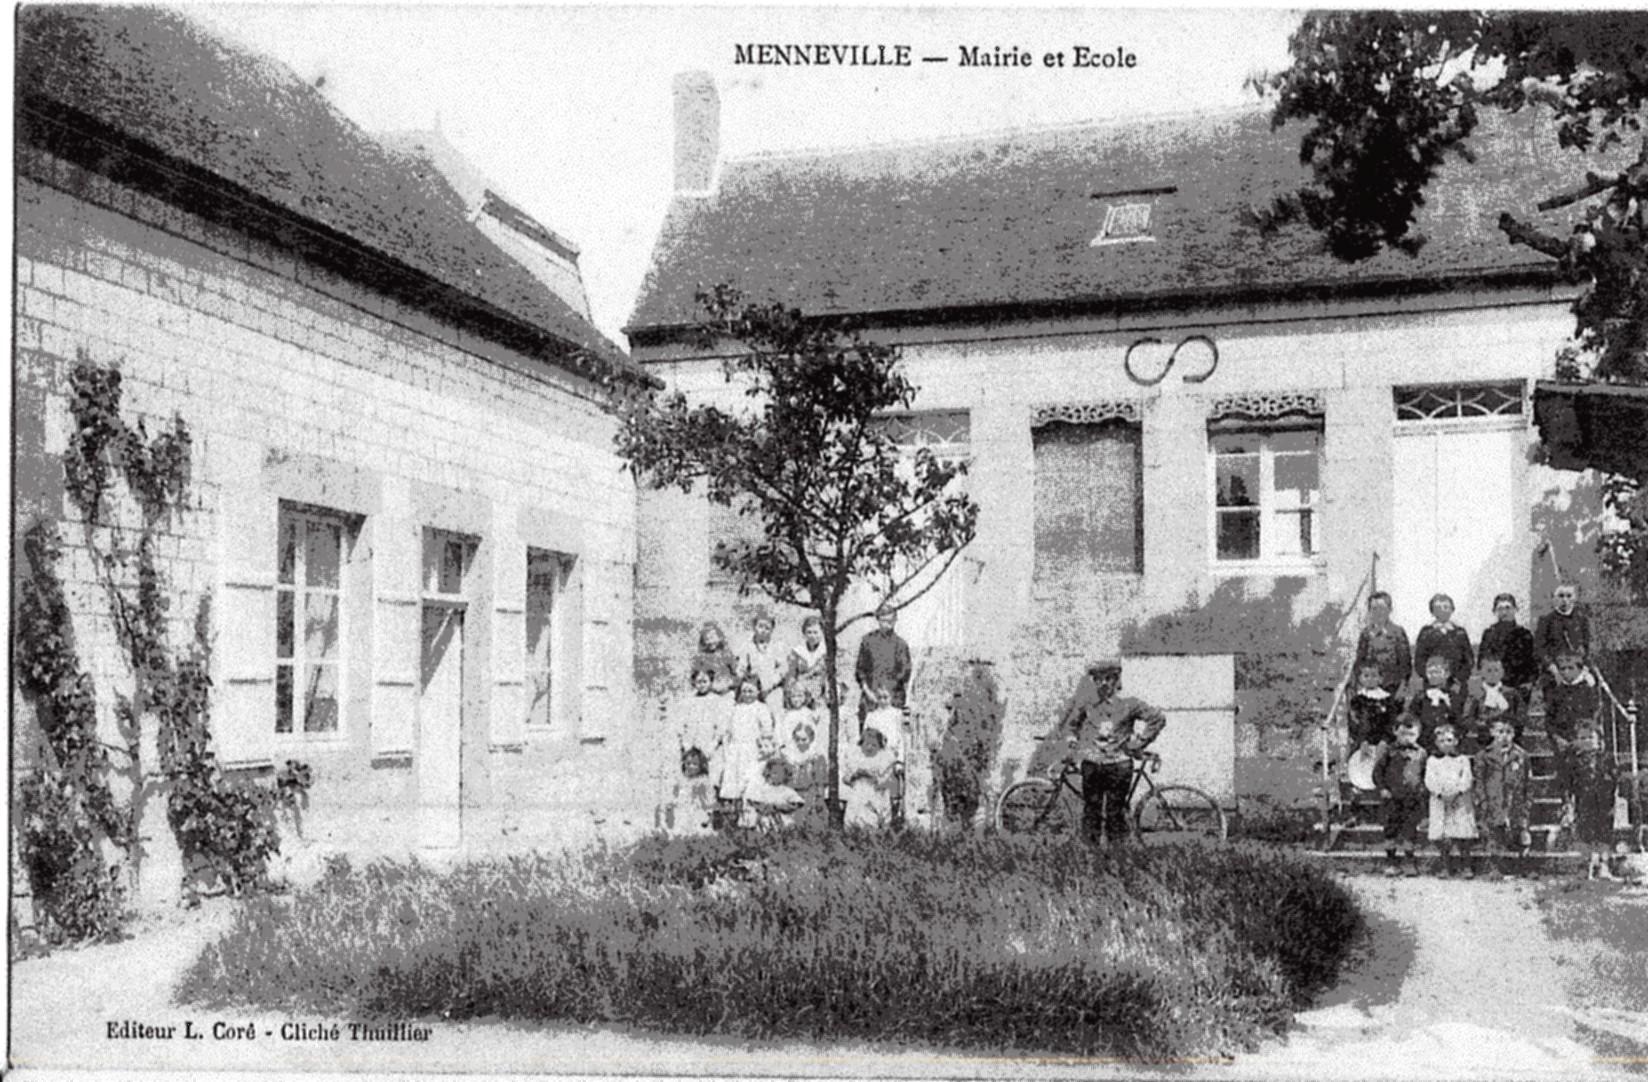 lecole-de-menneville-avant-1914